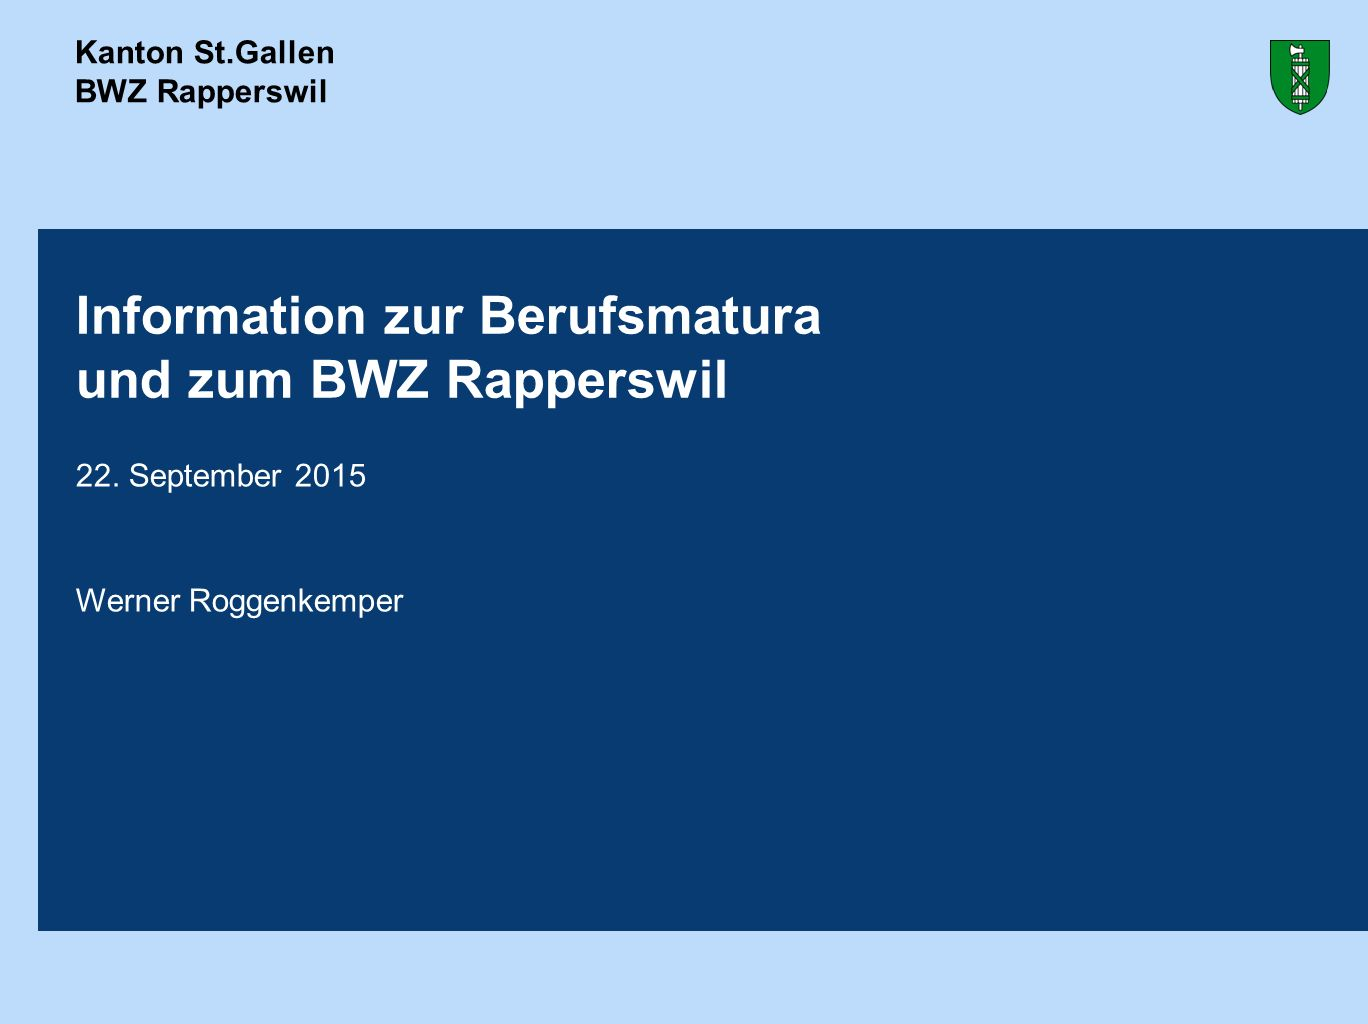 Kanton St.Gallen BWZ Rapperswil Information zur Berufsmatura und zum BWZ Rapperswil 22. September 2015 Werner Roggenkemper